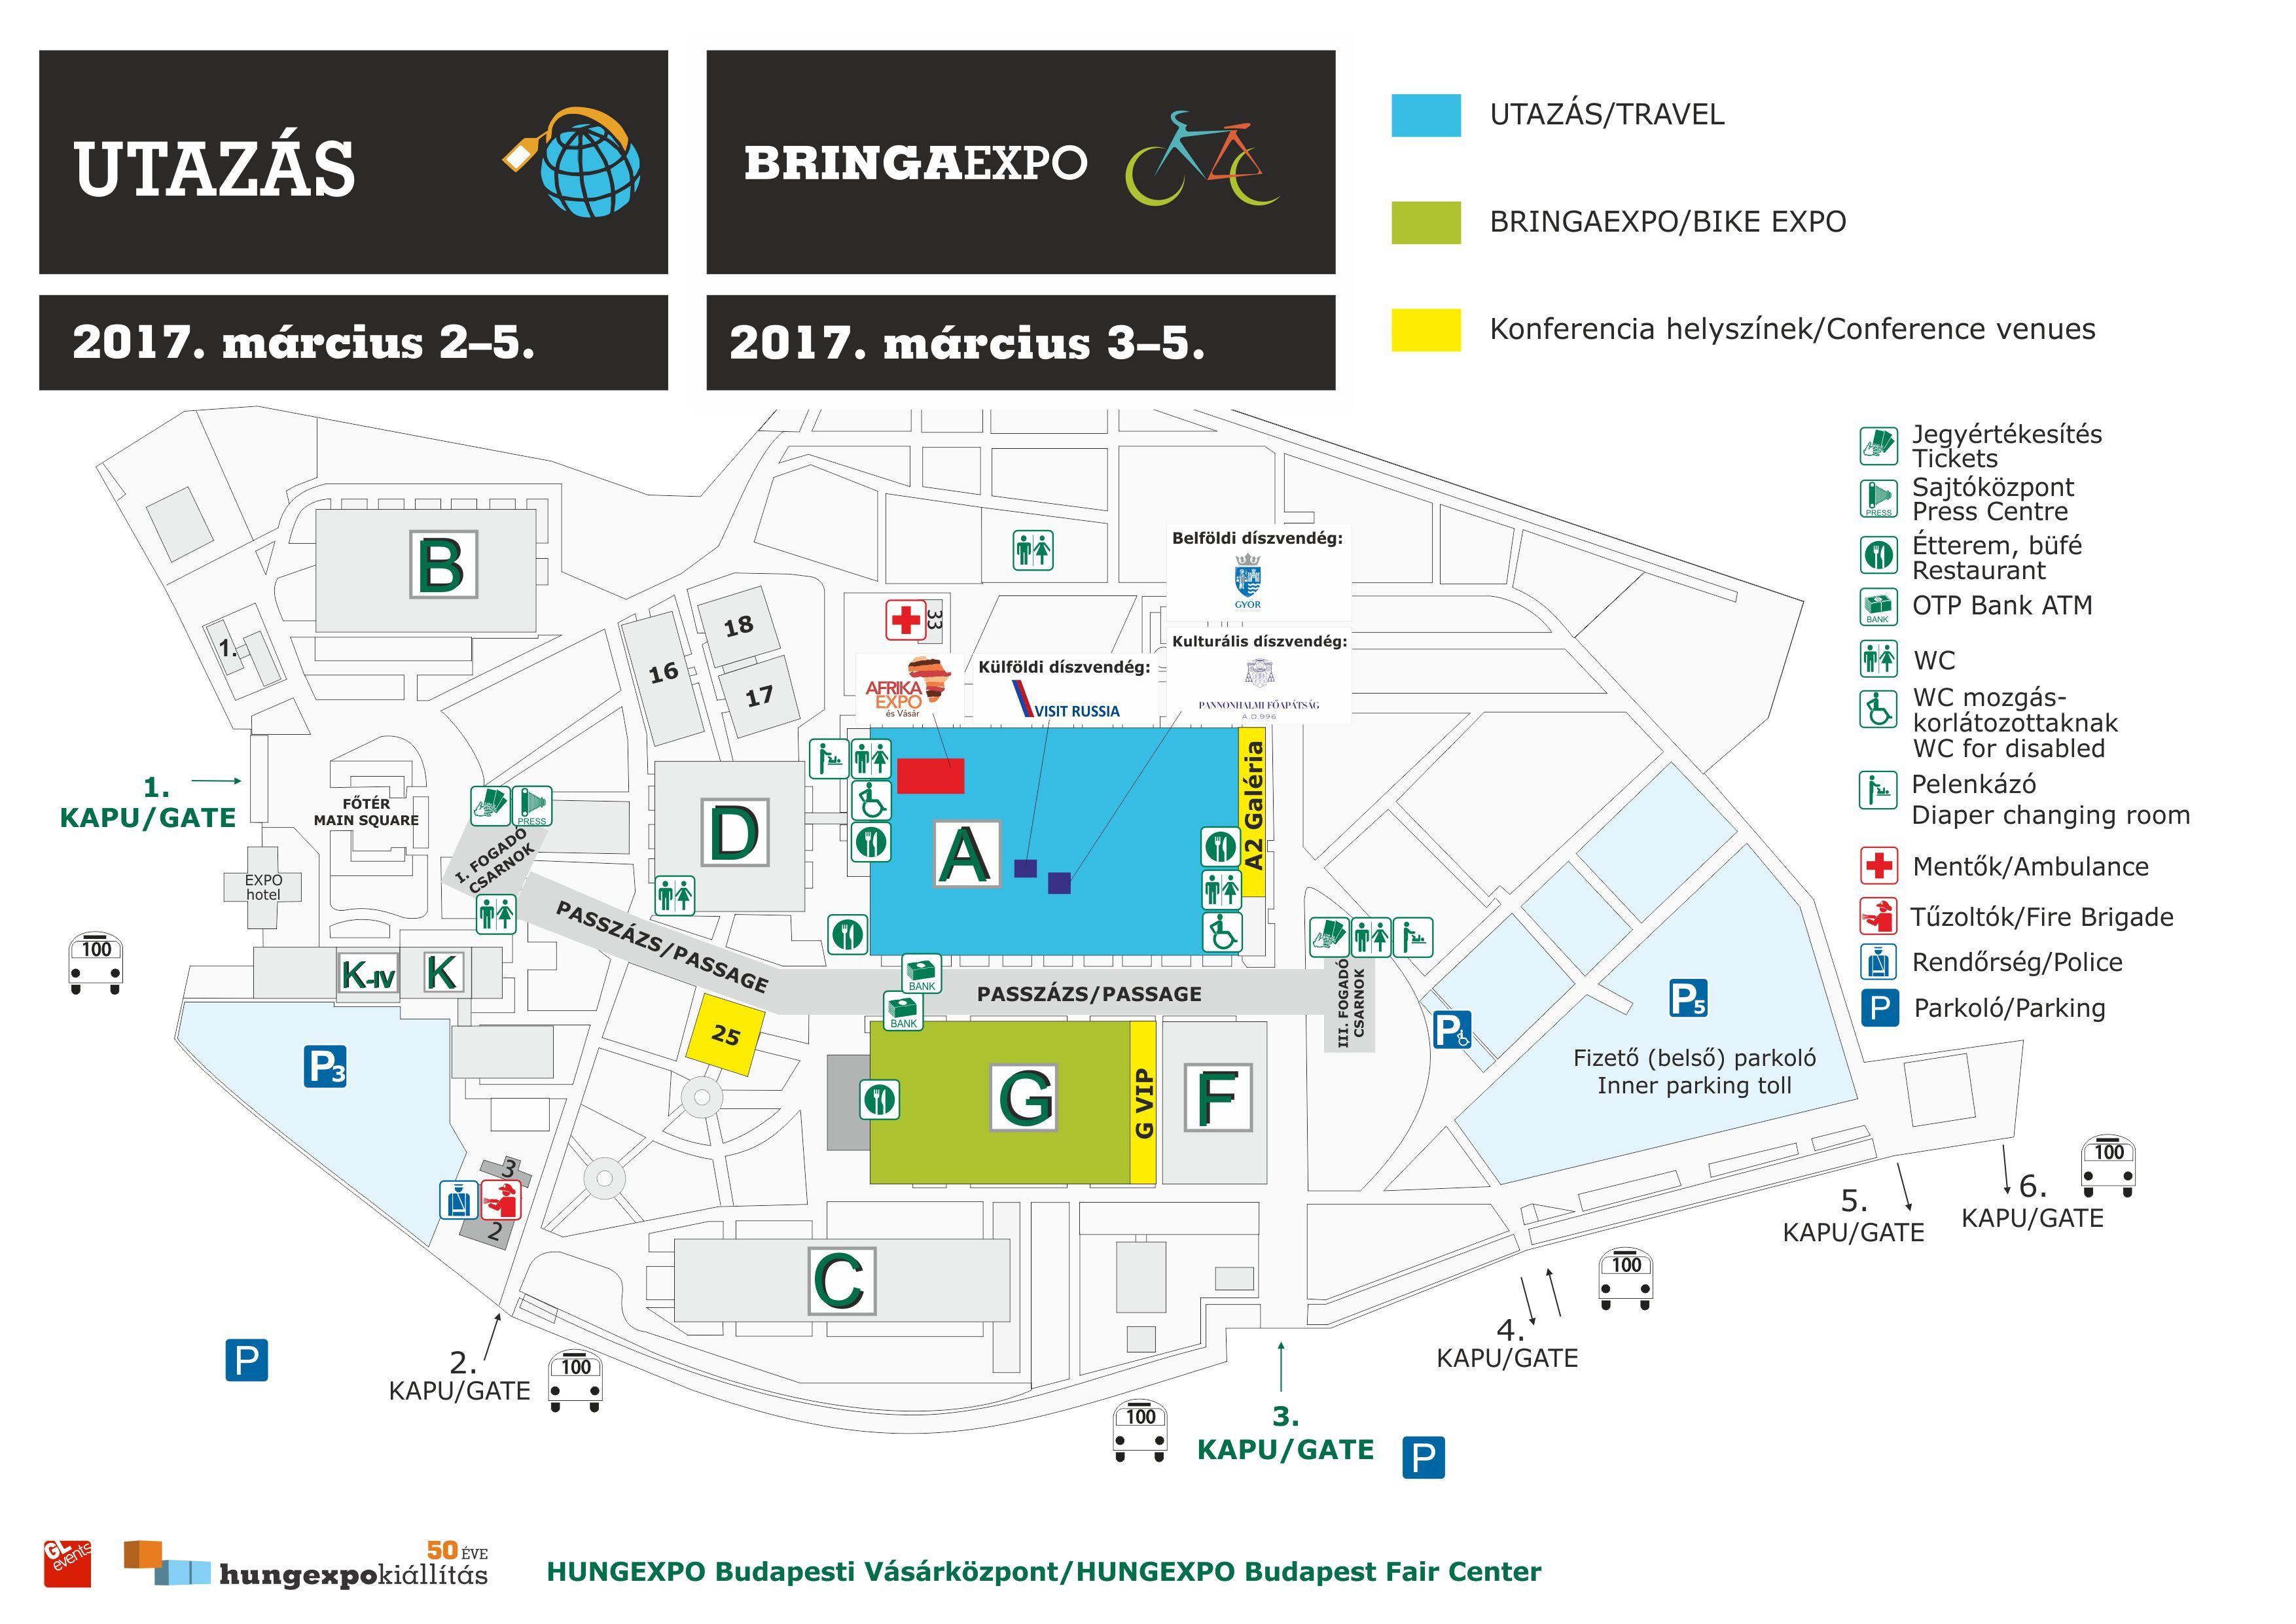 hungexpo térkép BRINGAEXPO   térkép